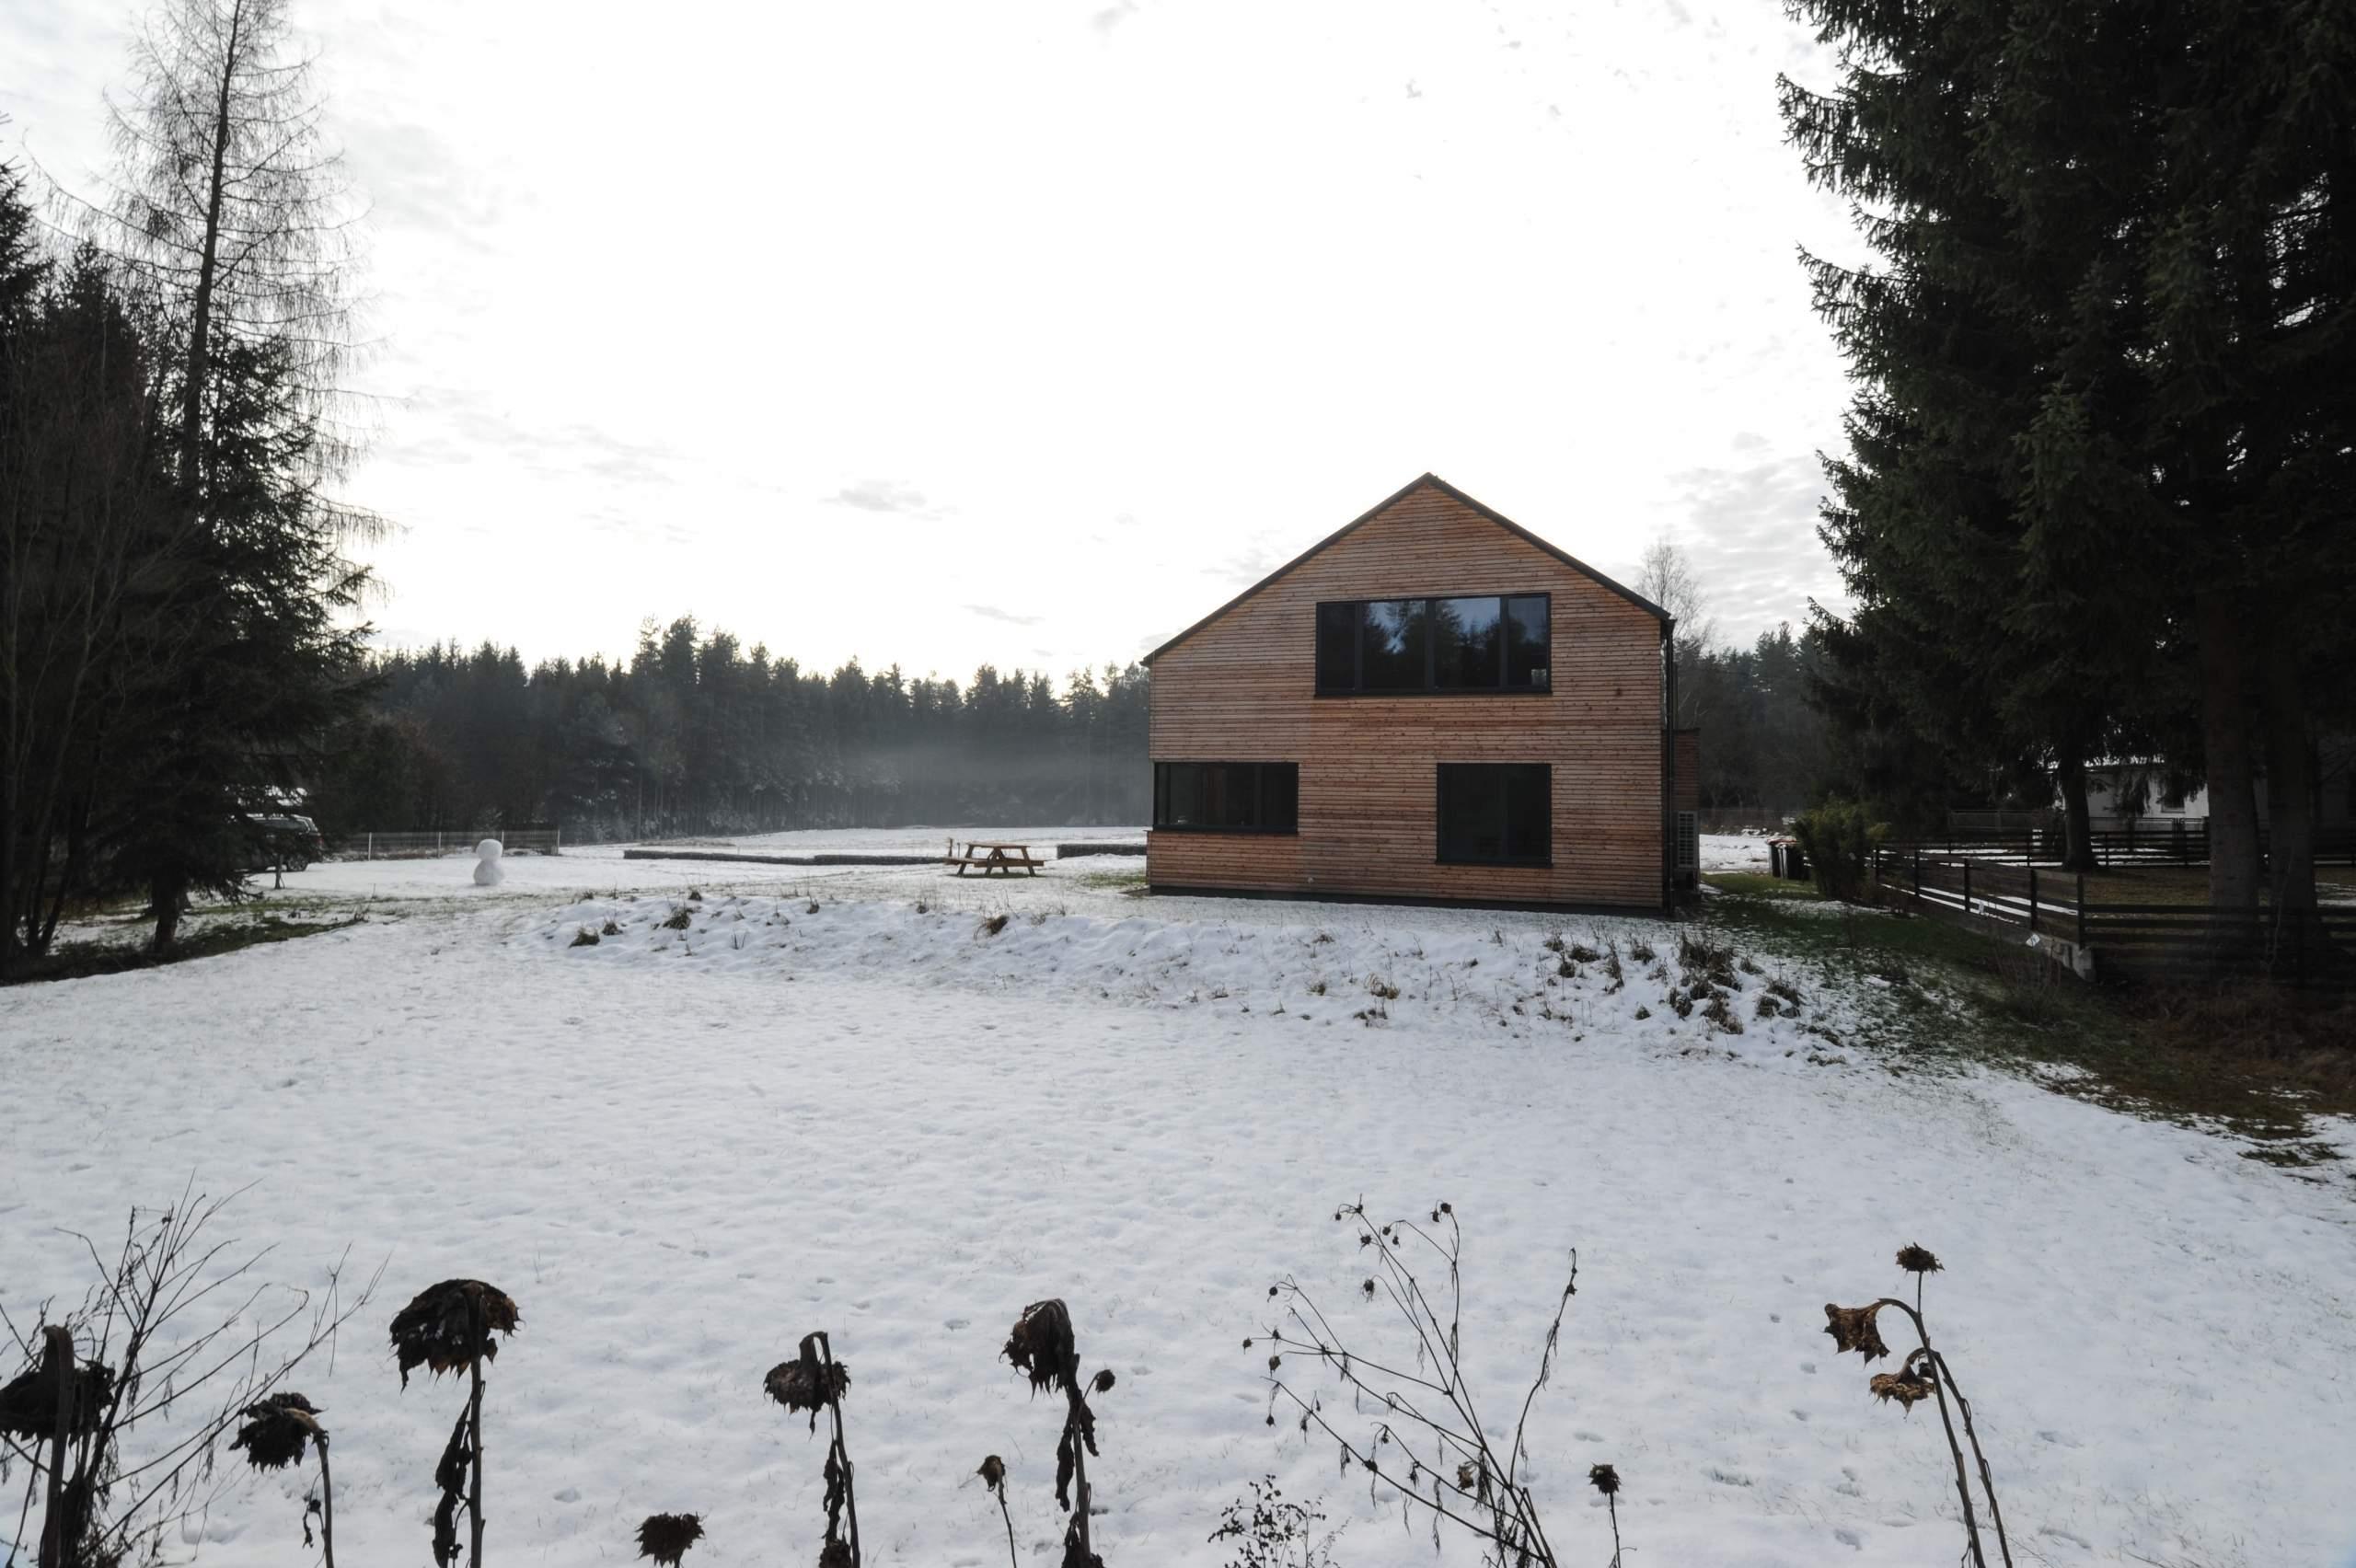 LIEGLER TAKEH ARCHITEKTEN Projekt Gopprechts Haus im Schnee